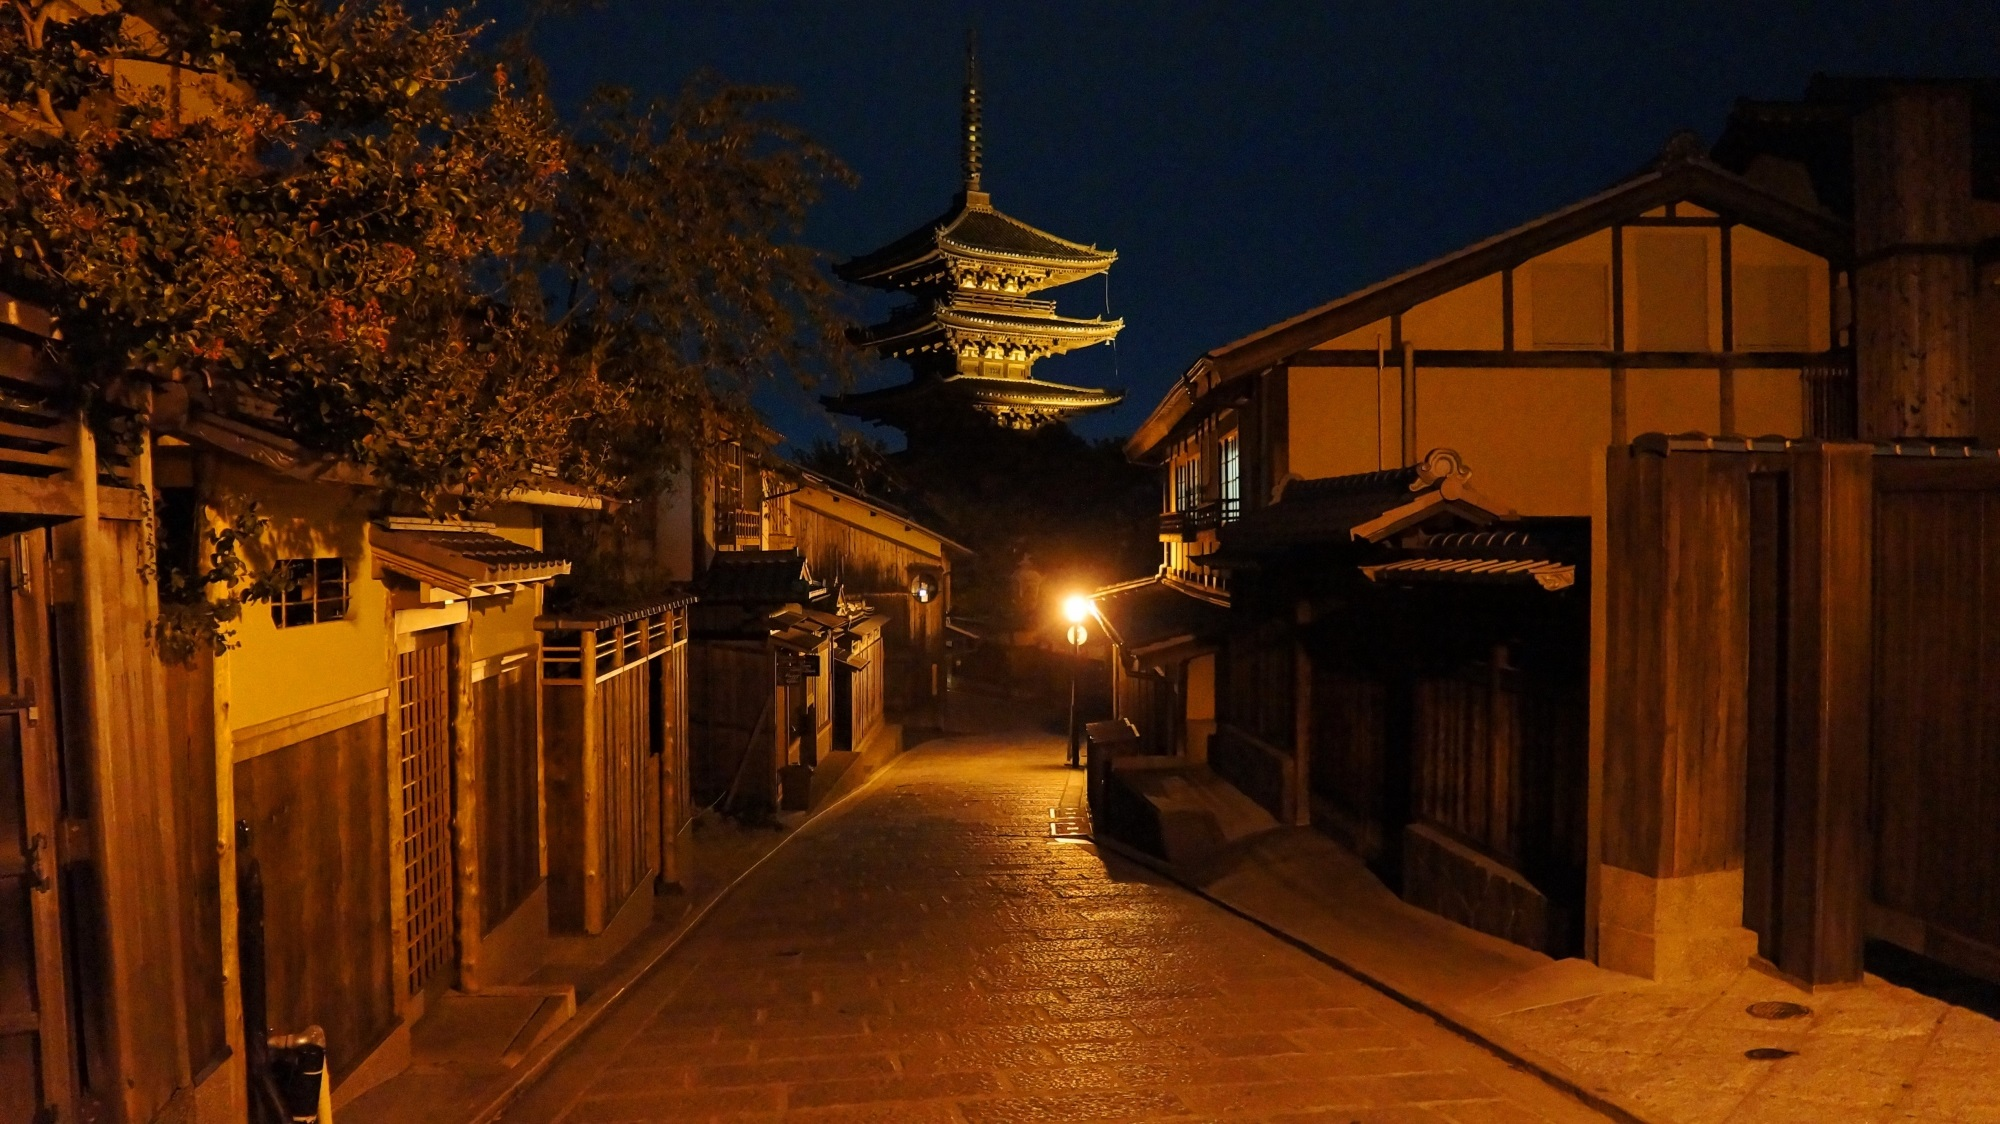 八坂の塔 夜景 祇園に佇む五重塔 京都もよう Kyoto Moyou